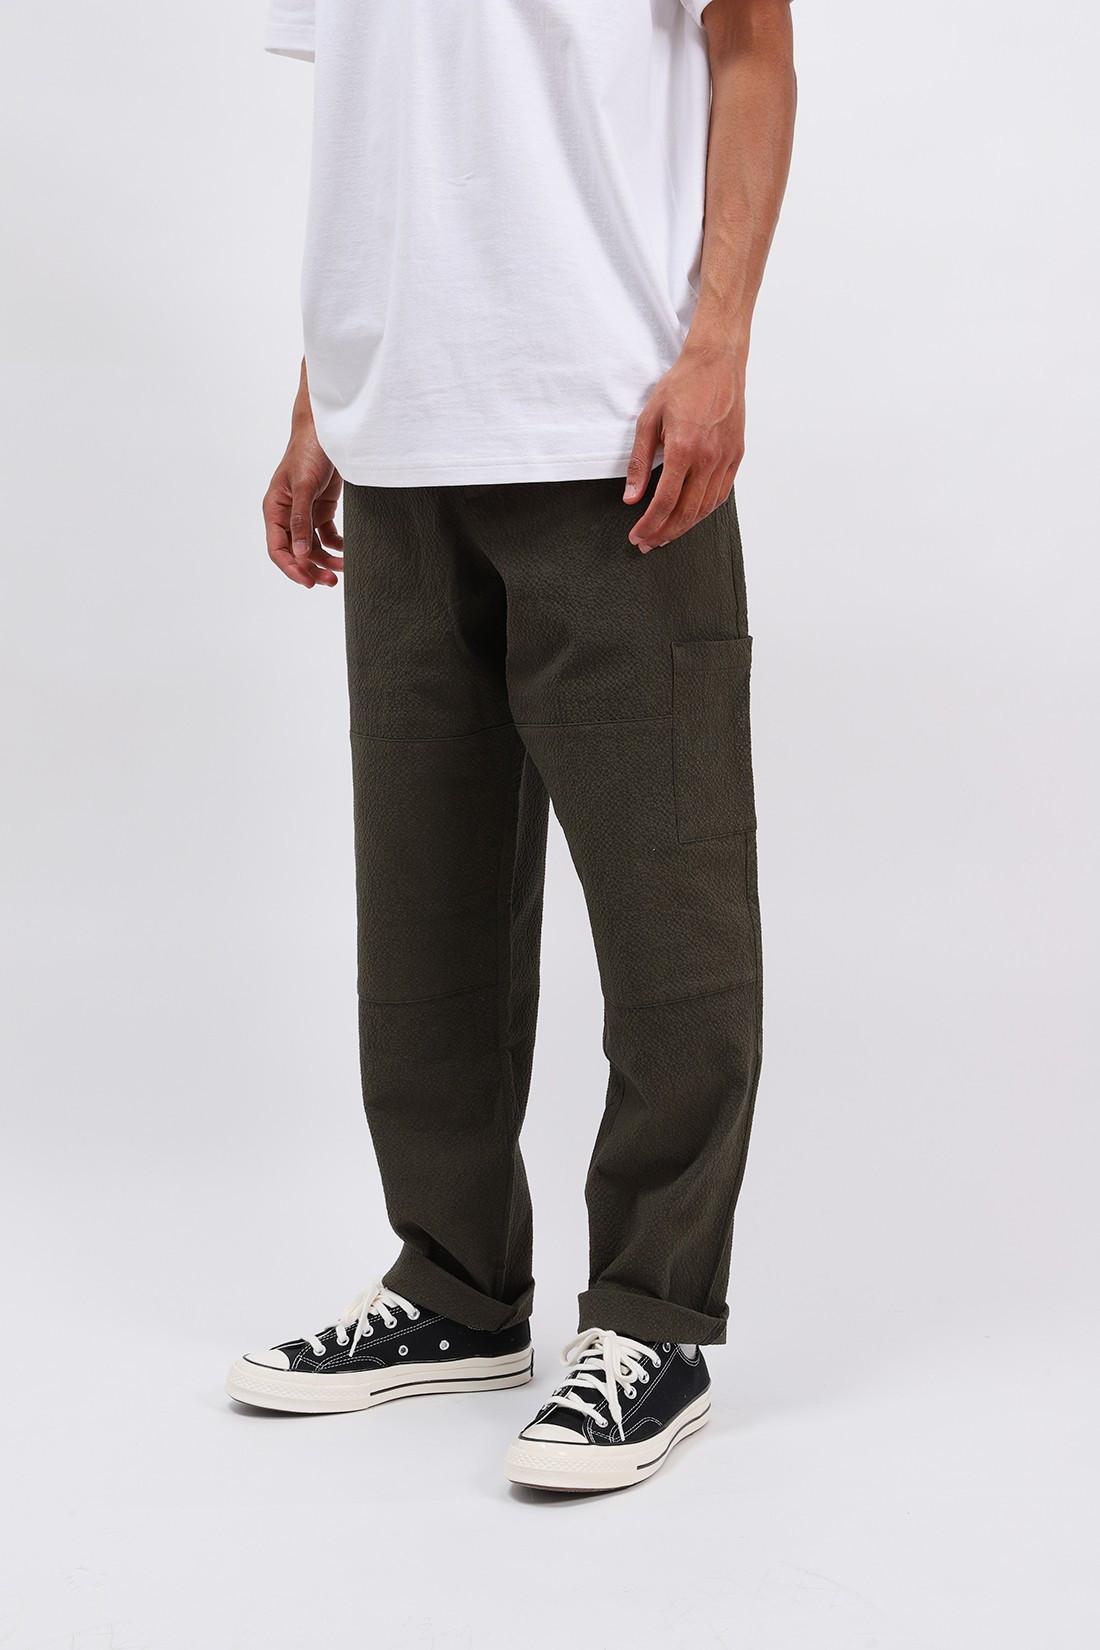 OLIVER SPENCER / Judo pant kingswood Green